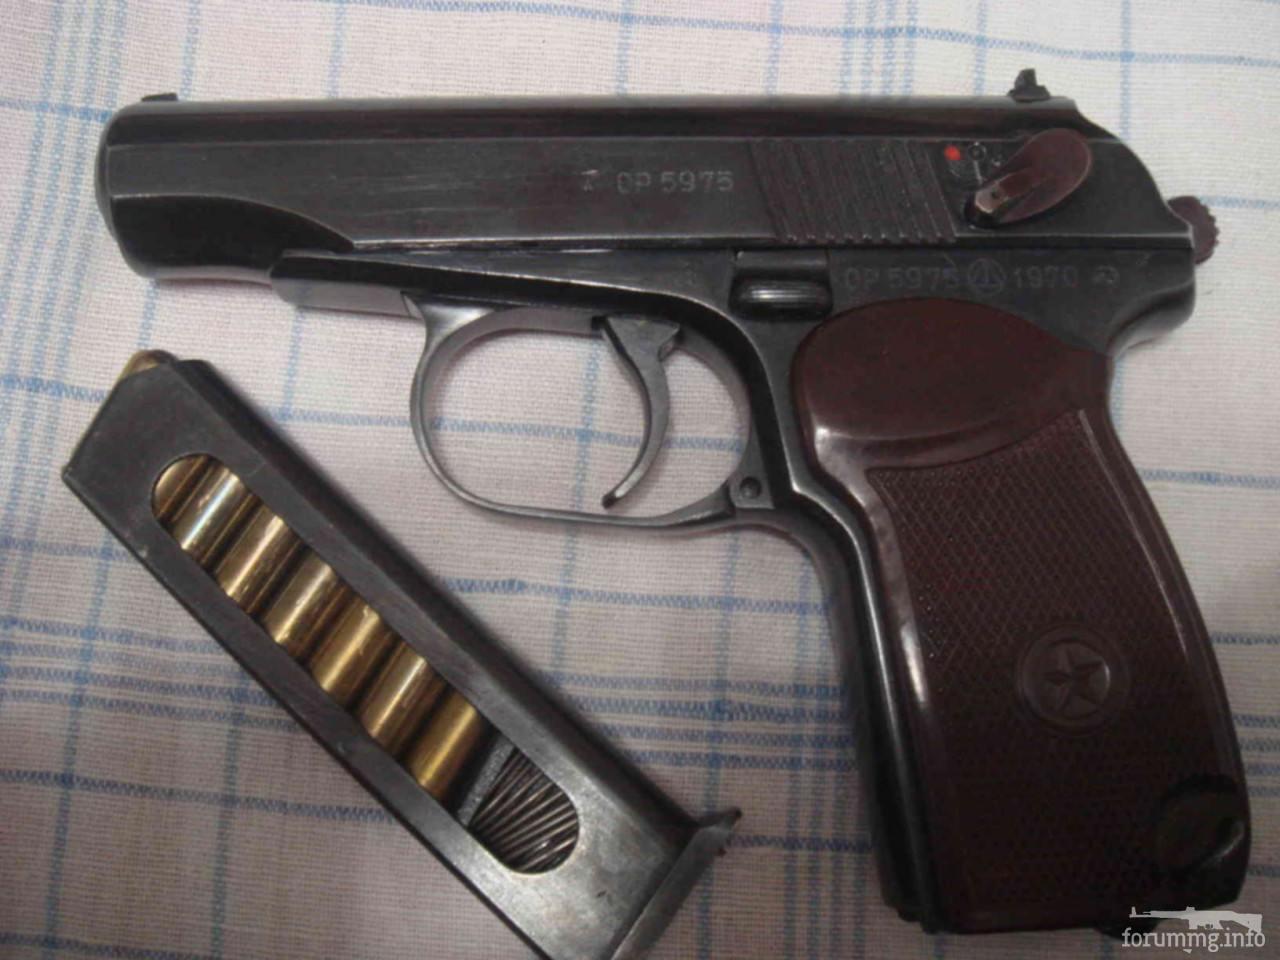 131910 - Продам пистолет Макарова пм травматический 9мм